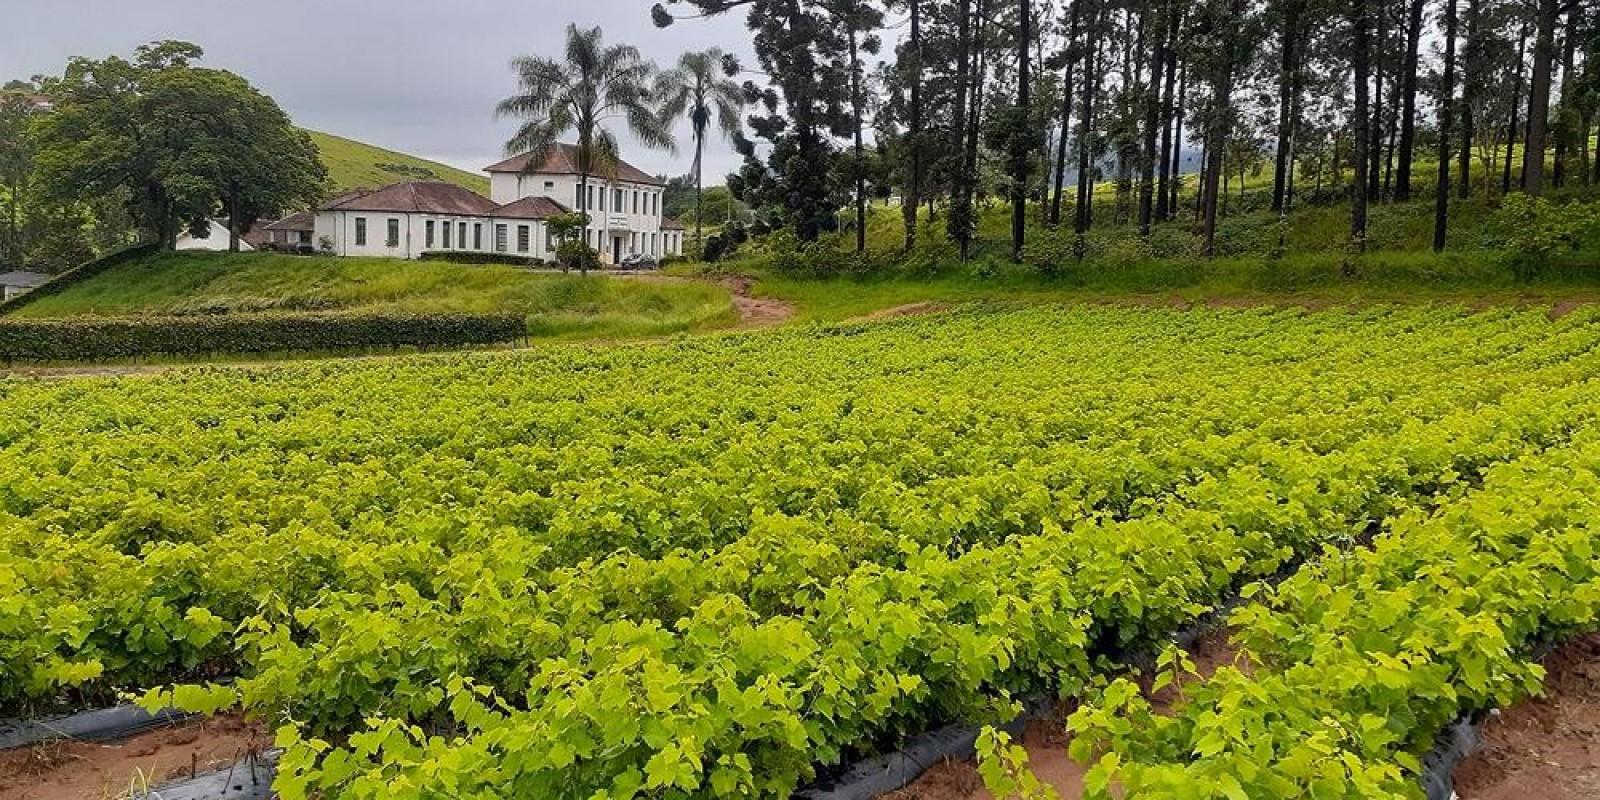 Produção de mudas pela Epamig contribui para a expansão da vitivinicultura nas regiões Sudeste e Centro-Oeste do Brasil